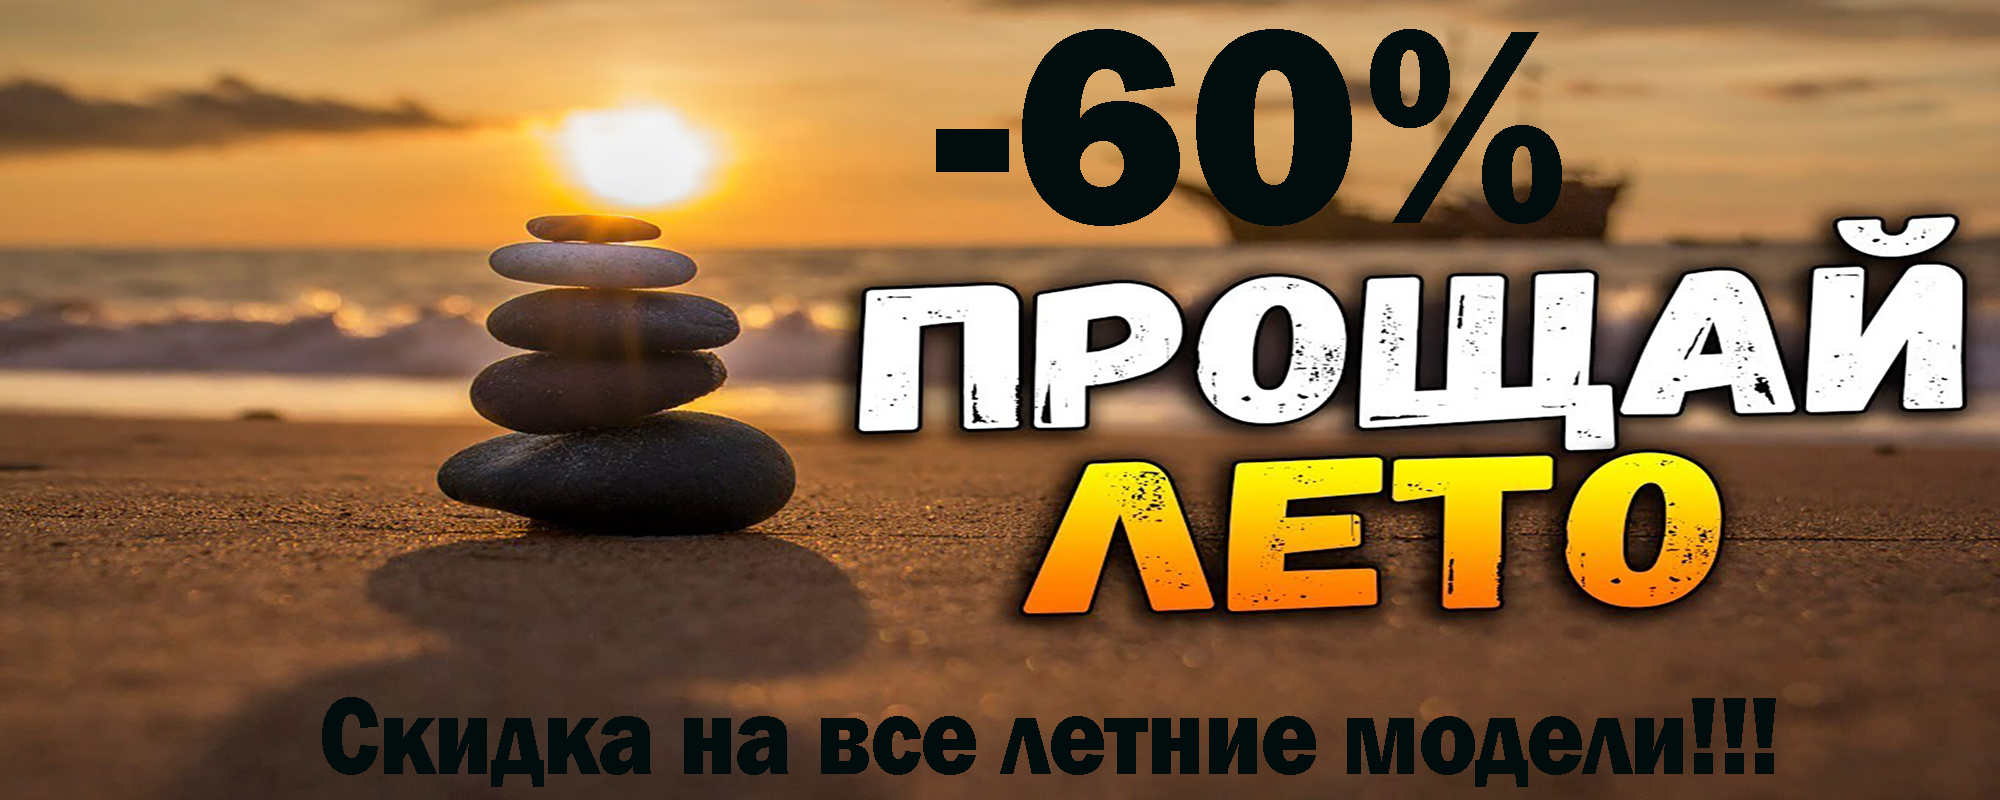 www.klim.ua